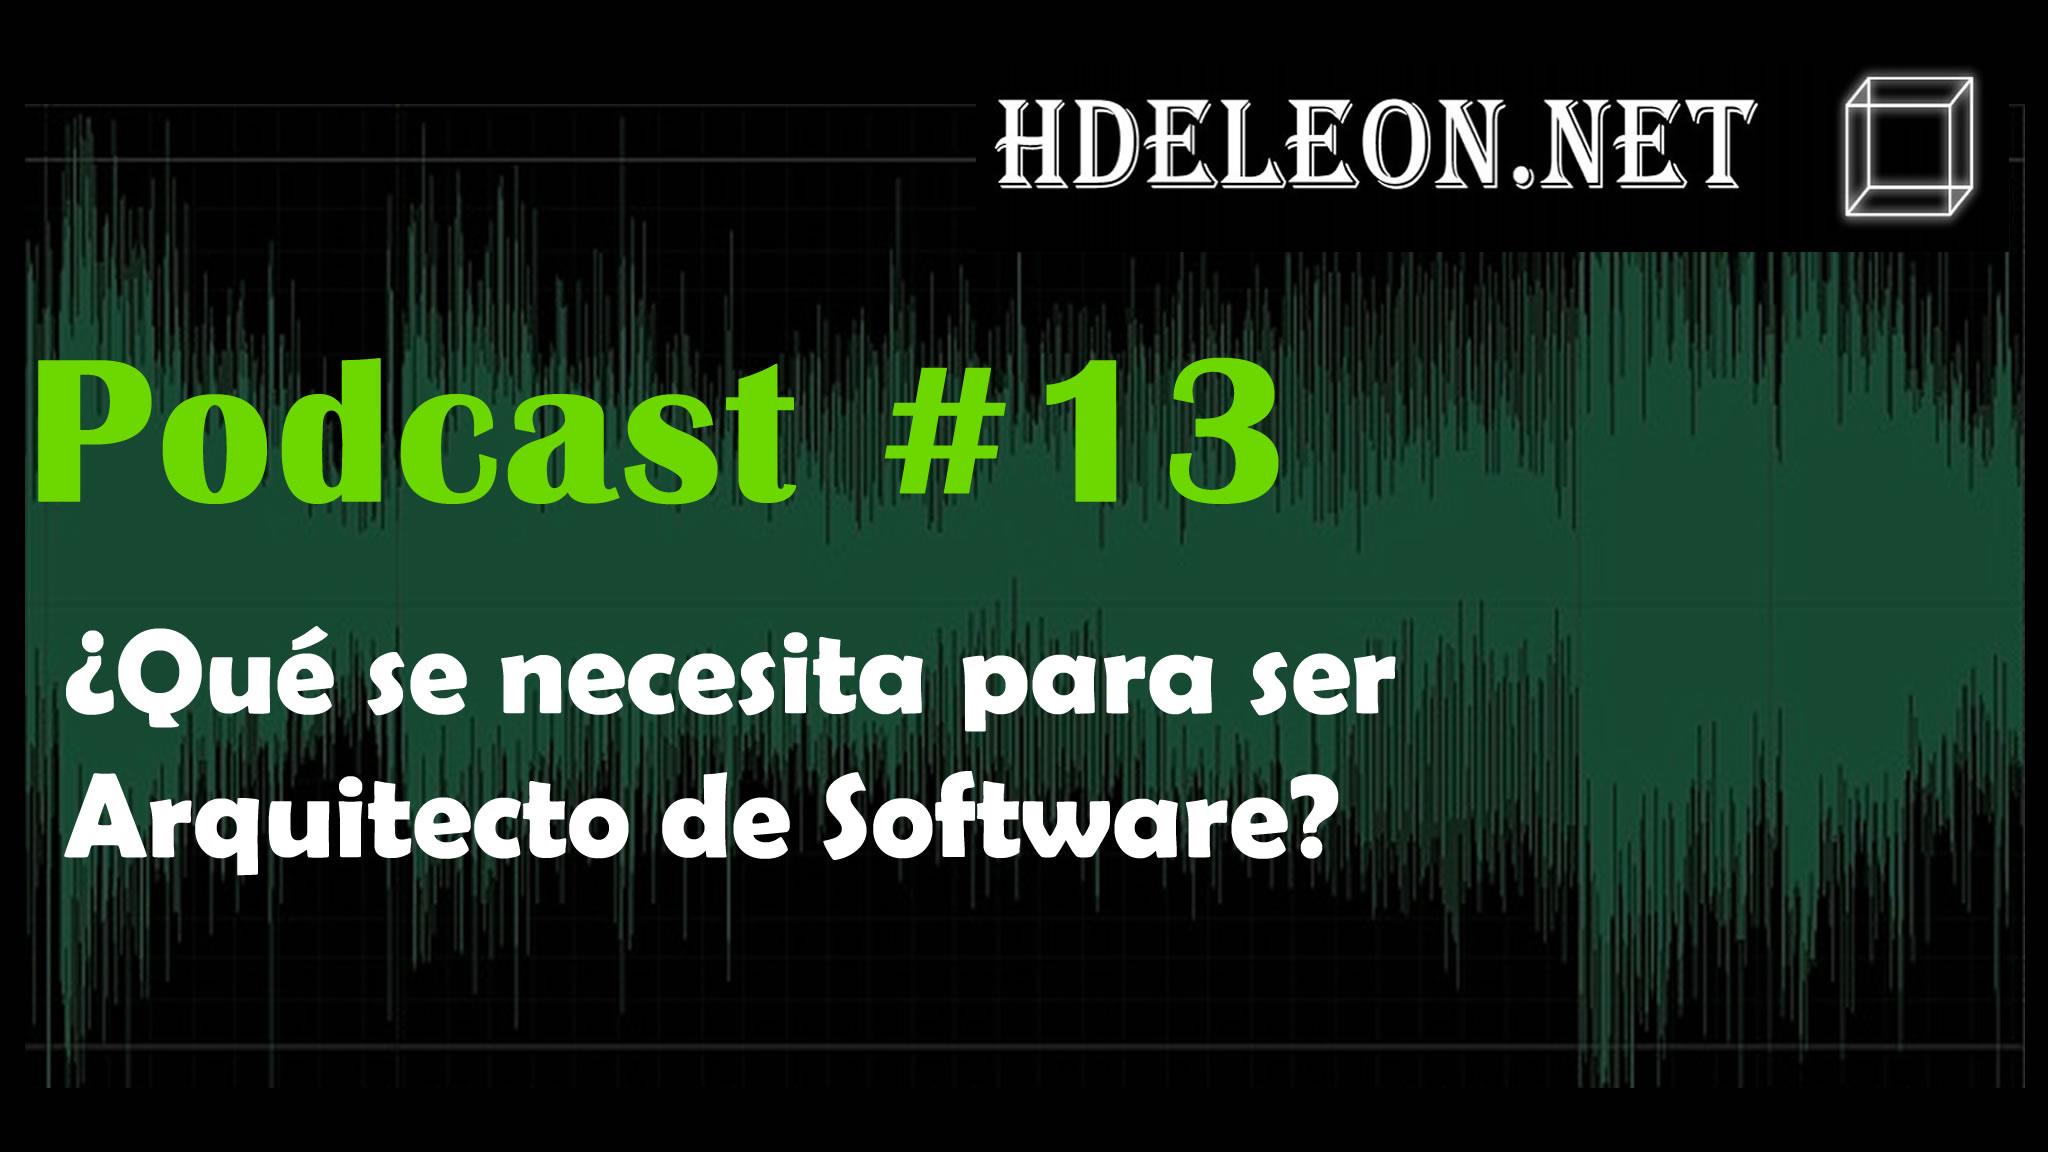 Podcast #13 – ¿Qué se necesita para ser arquitecto de software?